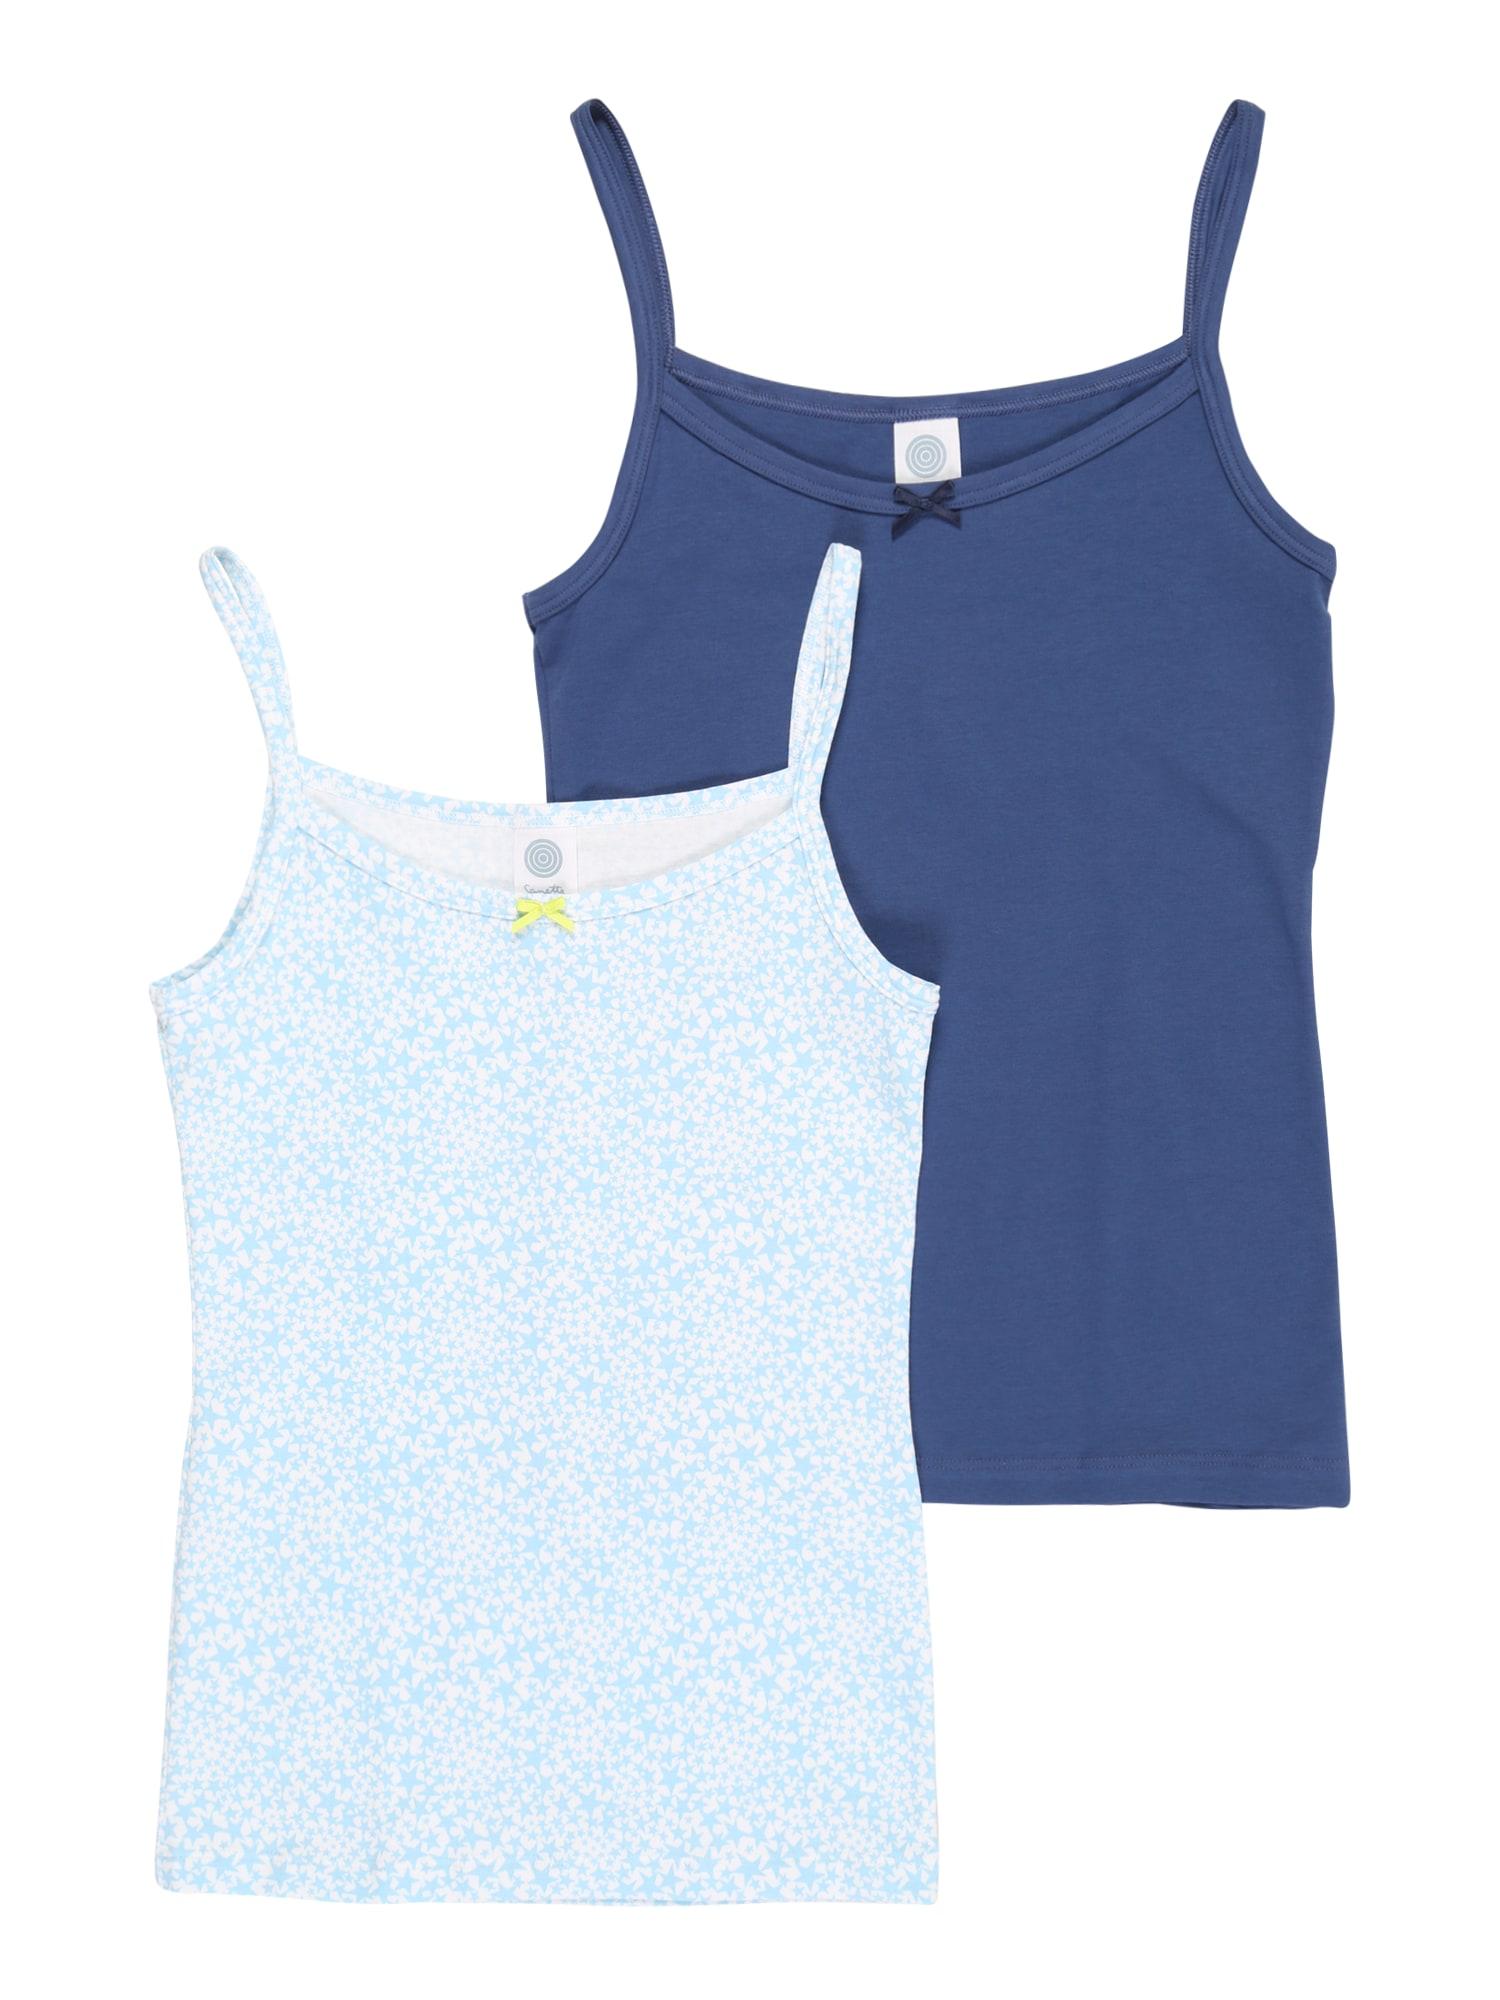 SANETTA Apatiniai marškinėliai '346131+346132' mėlyna